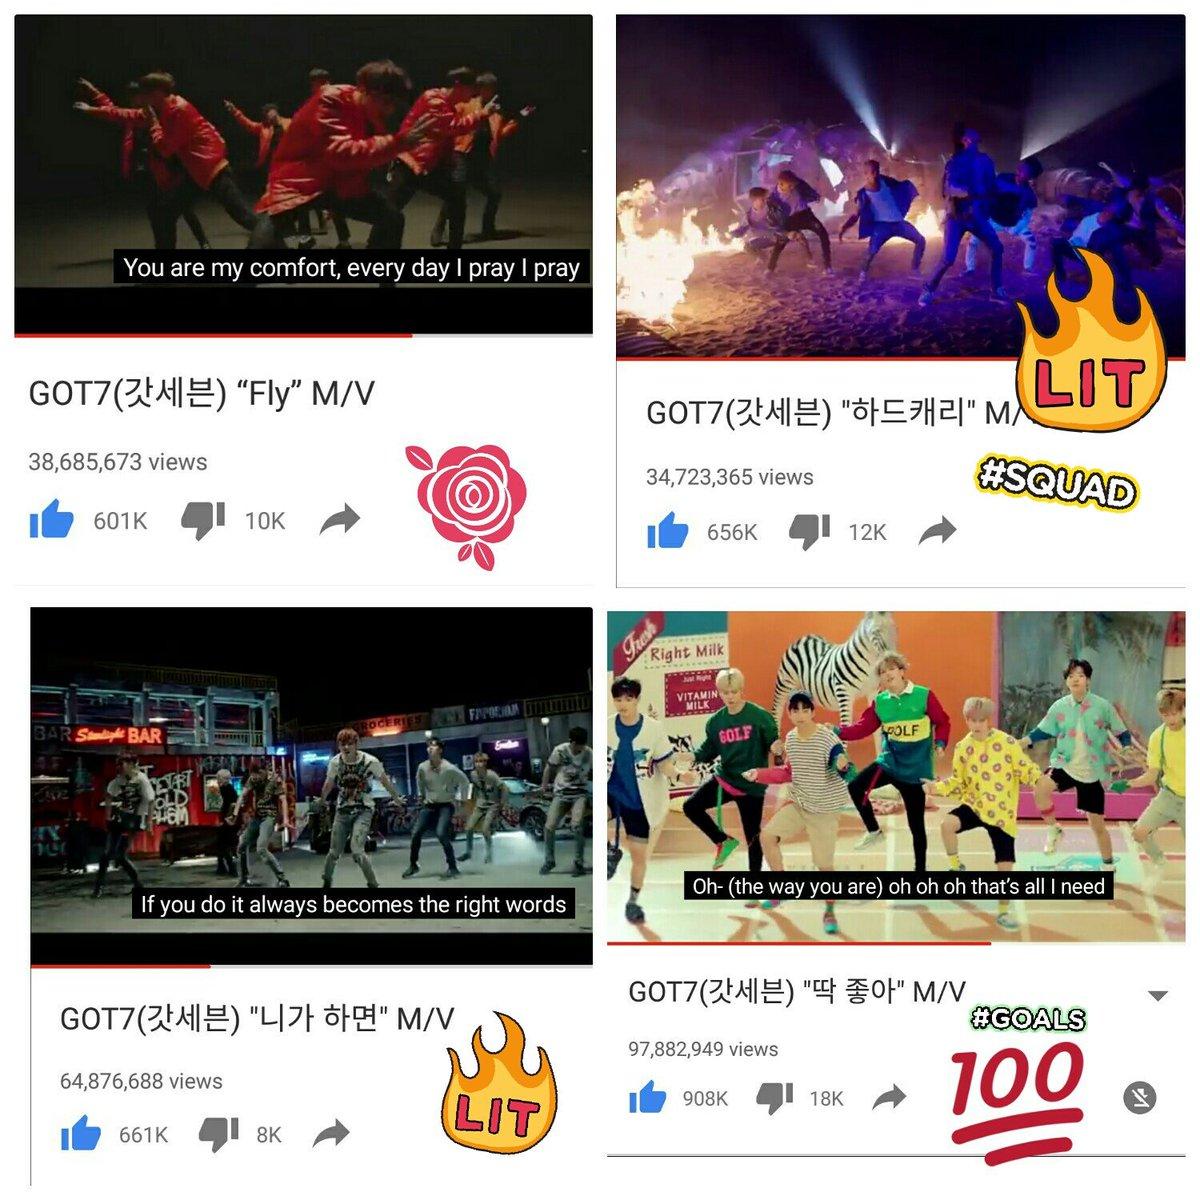 Keep streaming #IGOT7 #JustRight MV near 100M now,need 2M again #GOT7 #TeamGOT7 @GOT7Official @GOT7NOW @got7forthewin @fanatic_got7 @got7co<br>http://pic.twitter.com/dLUXmRLRMW